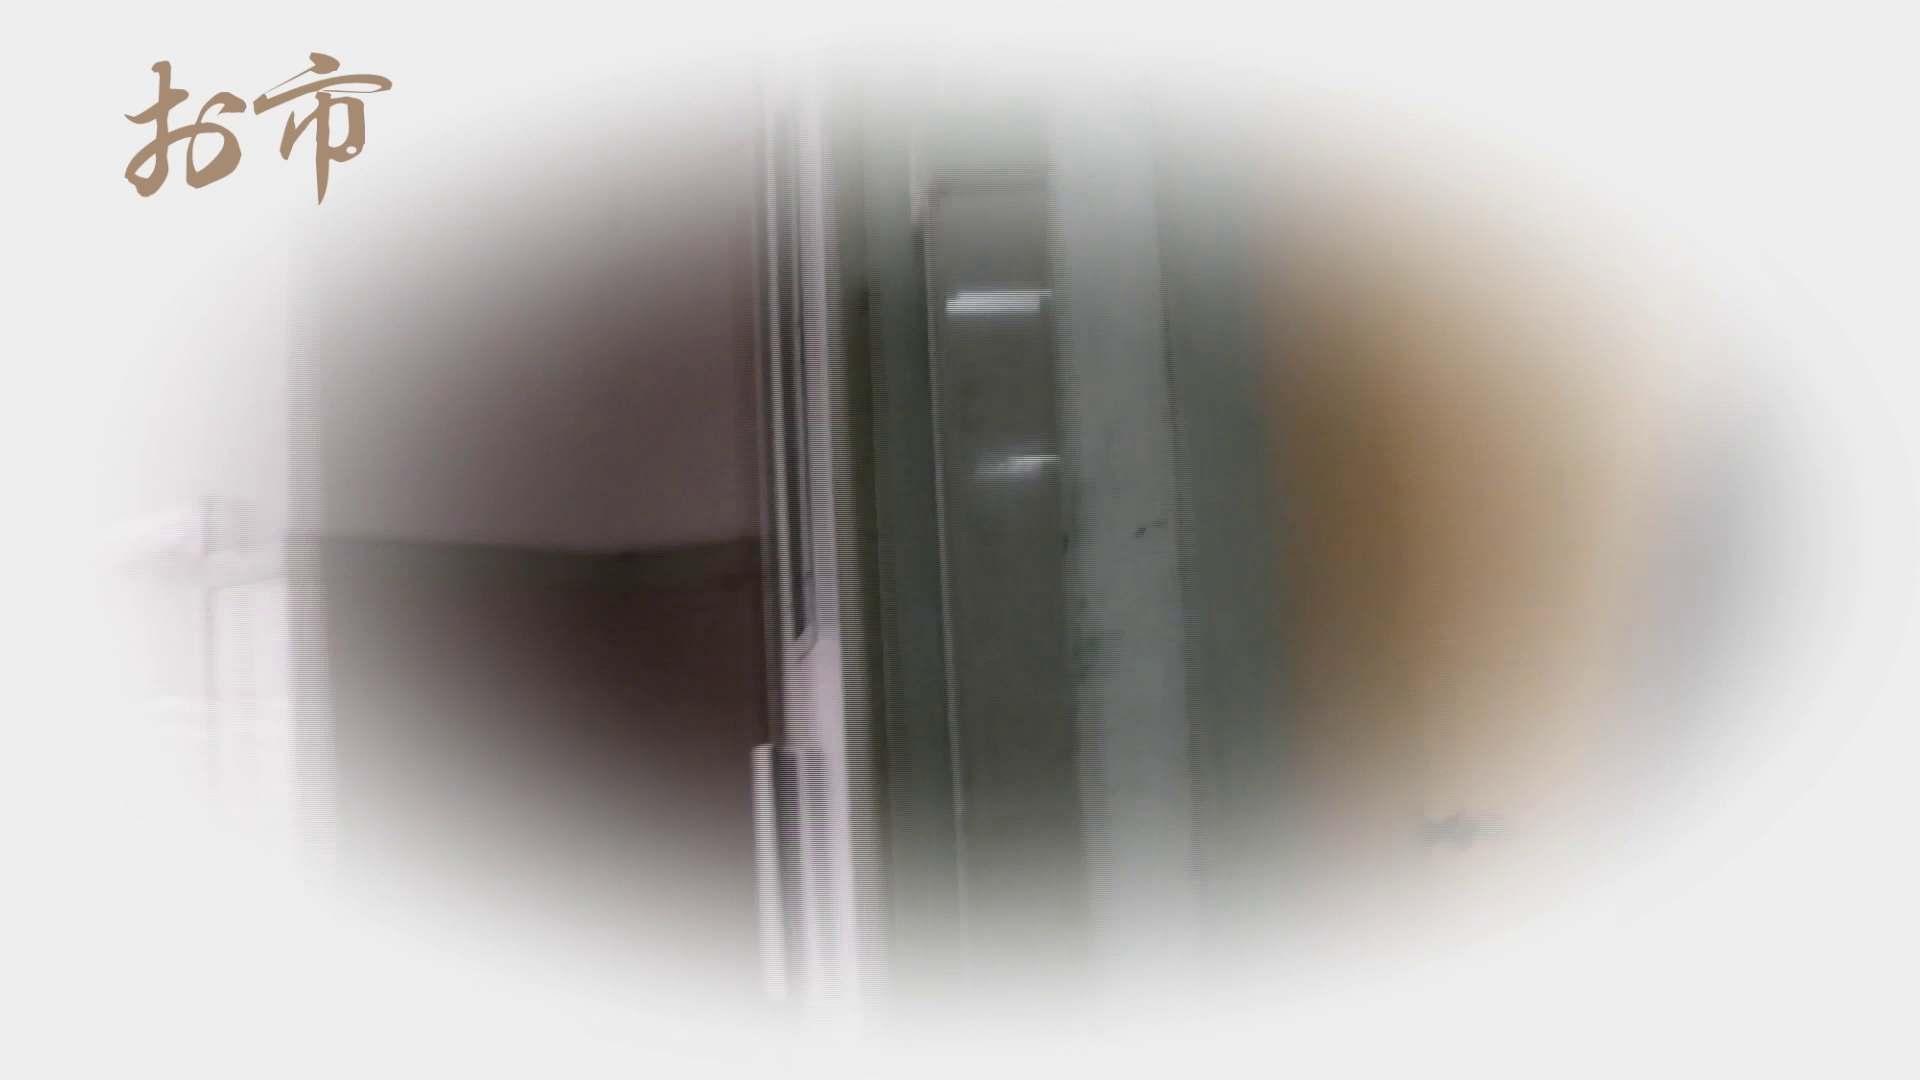 潜入!!台湾名門女学院 Vol.12 長身モデル驚き見たことないシチュエーション 細身 | 潜入  45画像 3